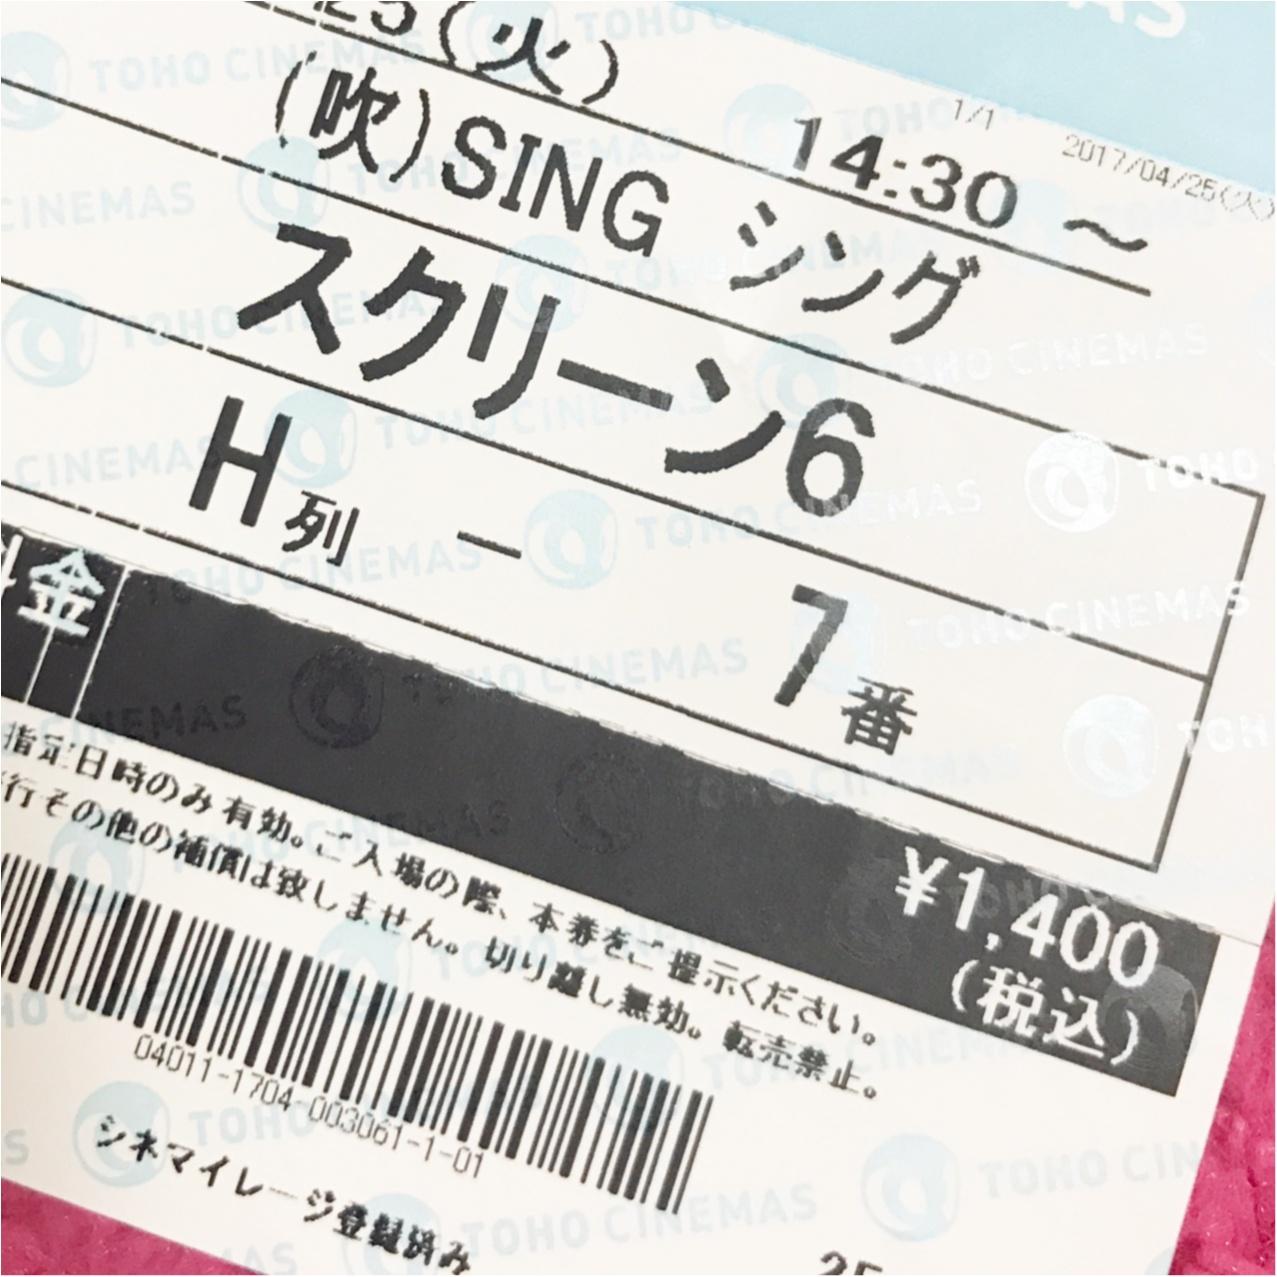 6本観たら1本無料♡映画をおトクに観られる《シネマイレージサービス》のススメ!_3